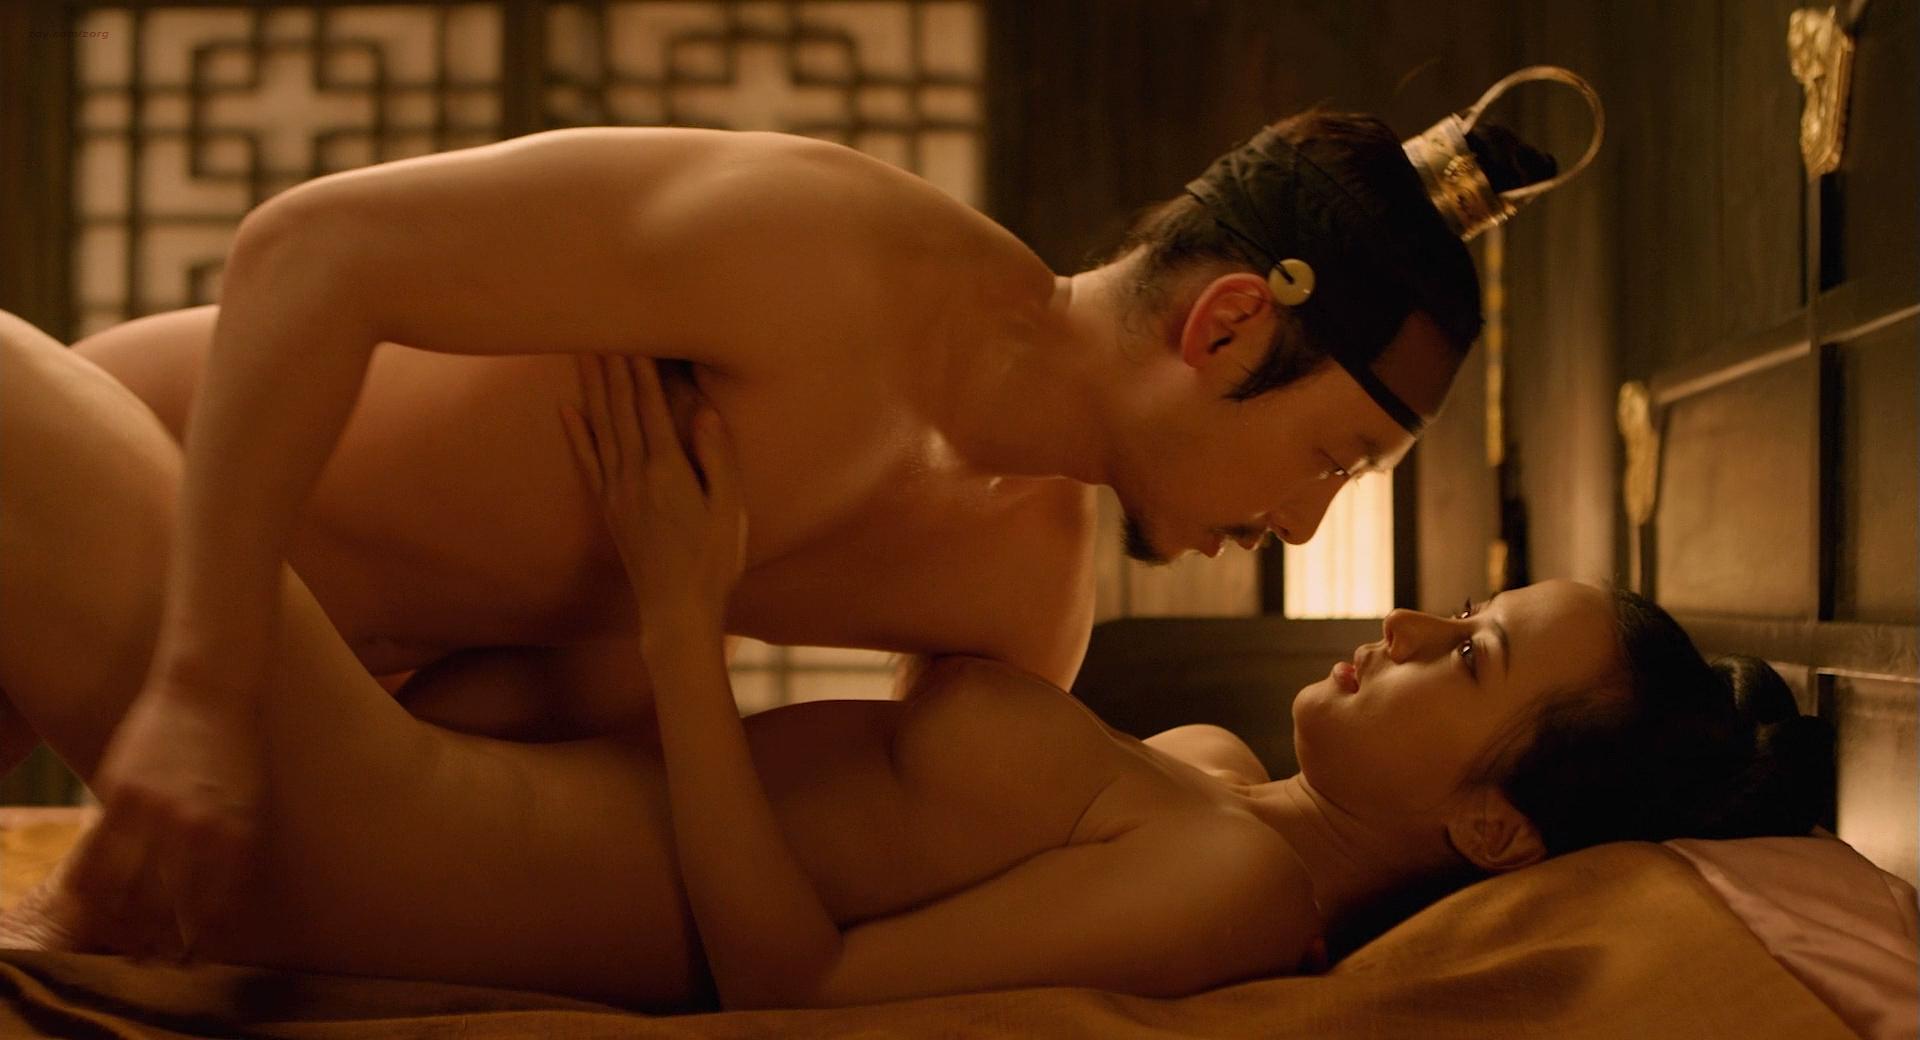 Cho yeo-jeong nude